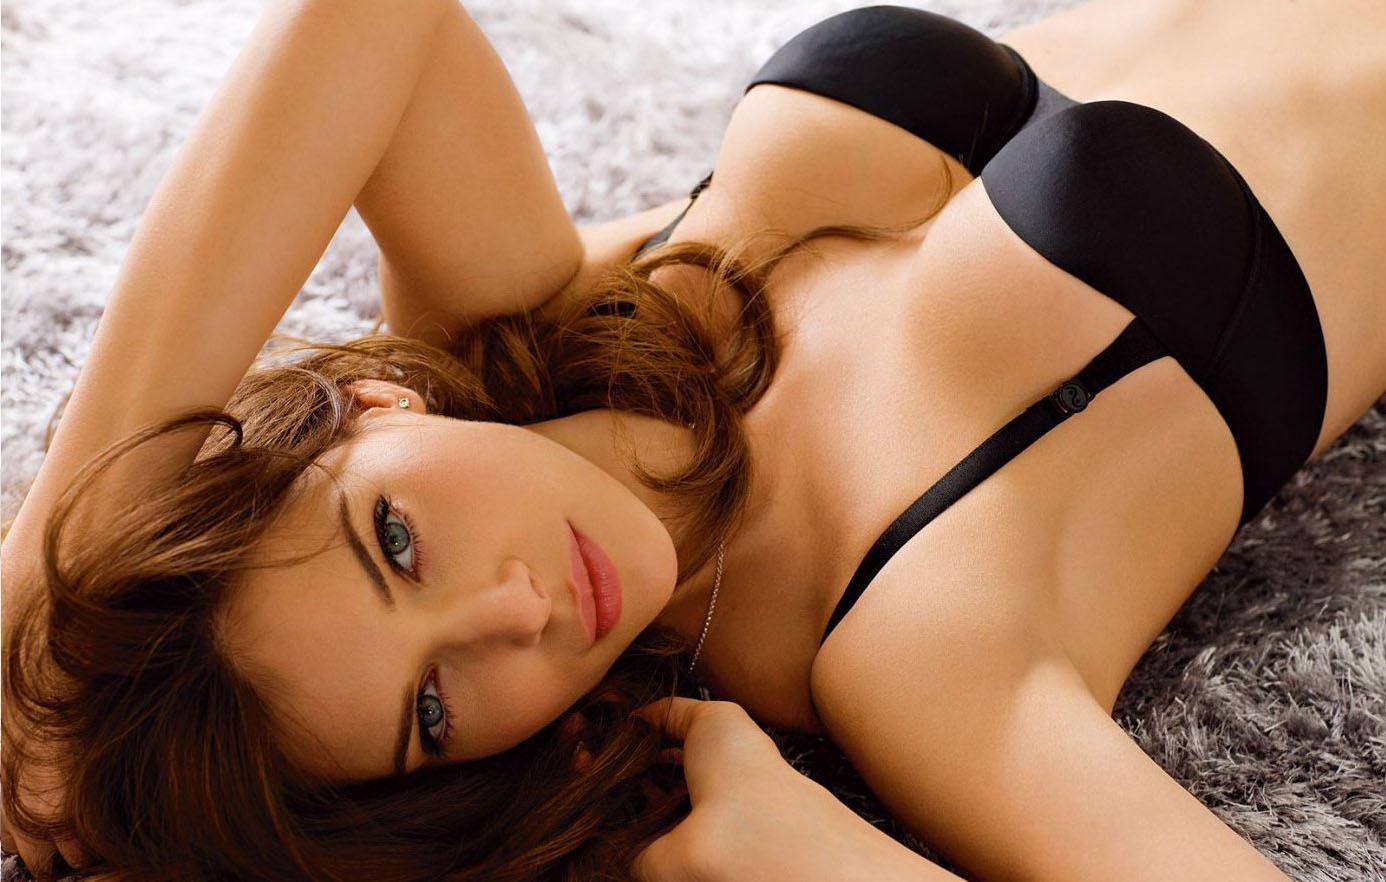 Фото сексуальных девушек моделей 1 фотография